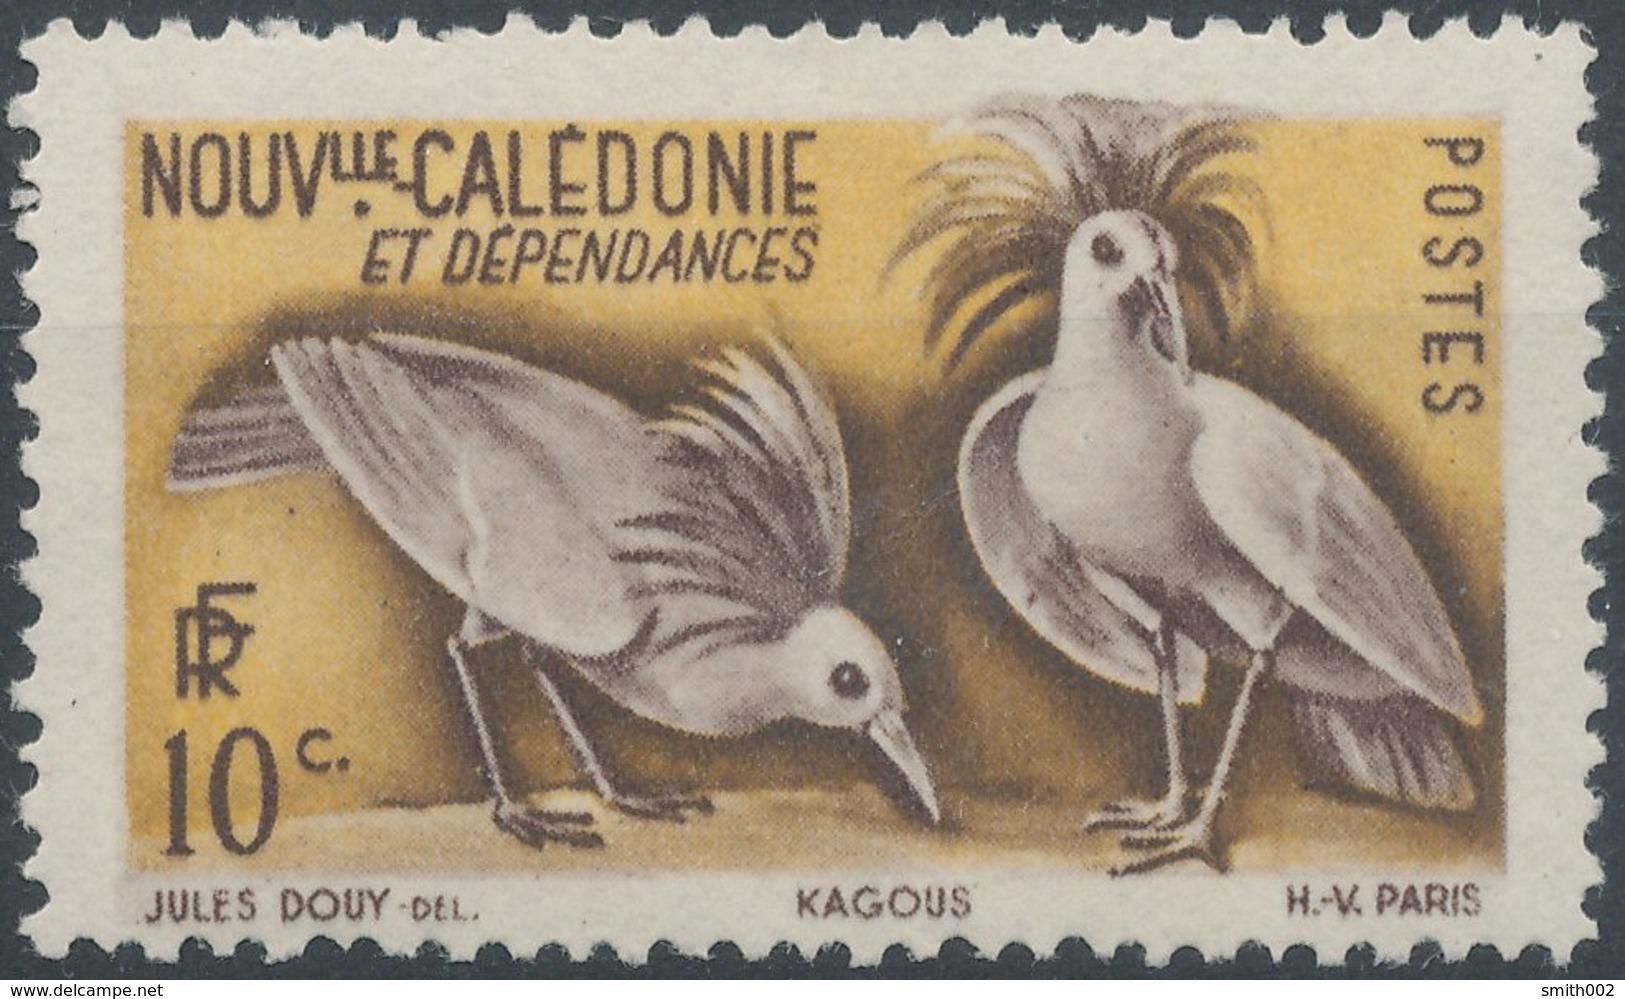 FRANCE COLONIE - Nouvelle Caledonie Et Dependances - Autres